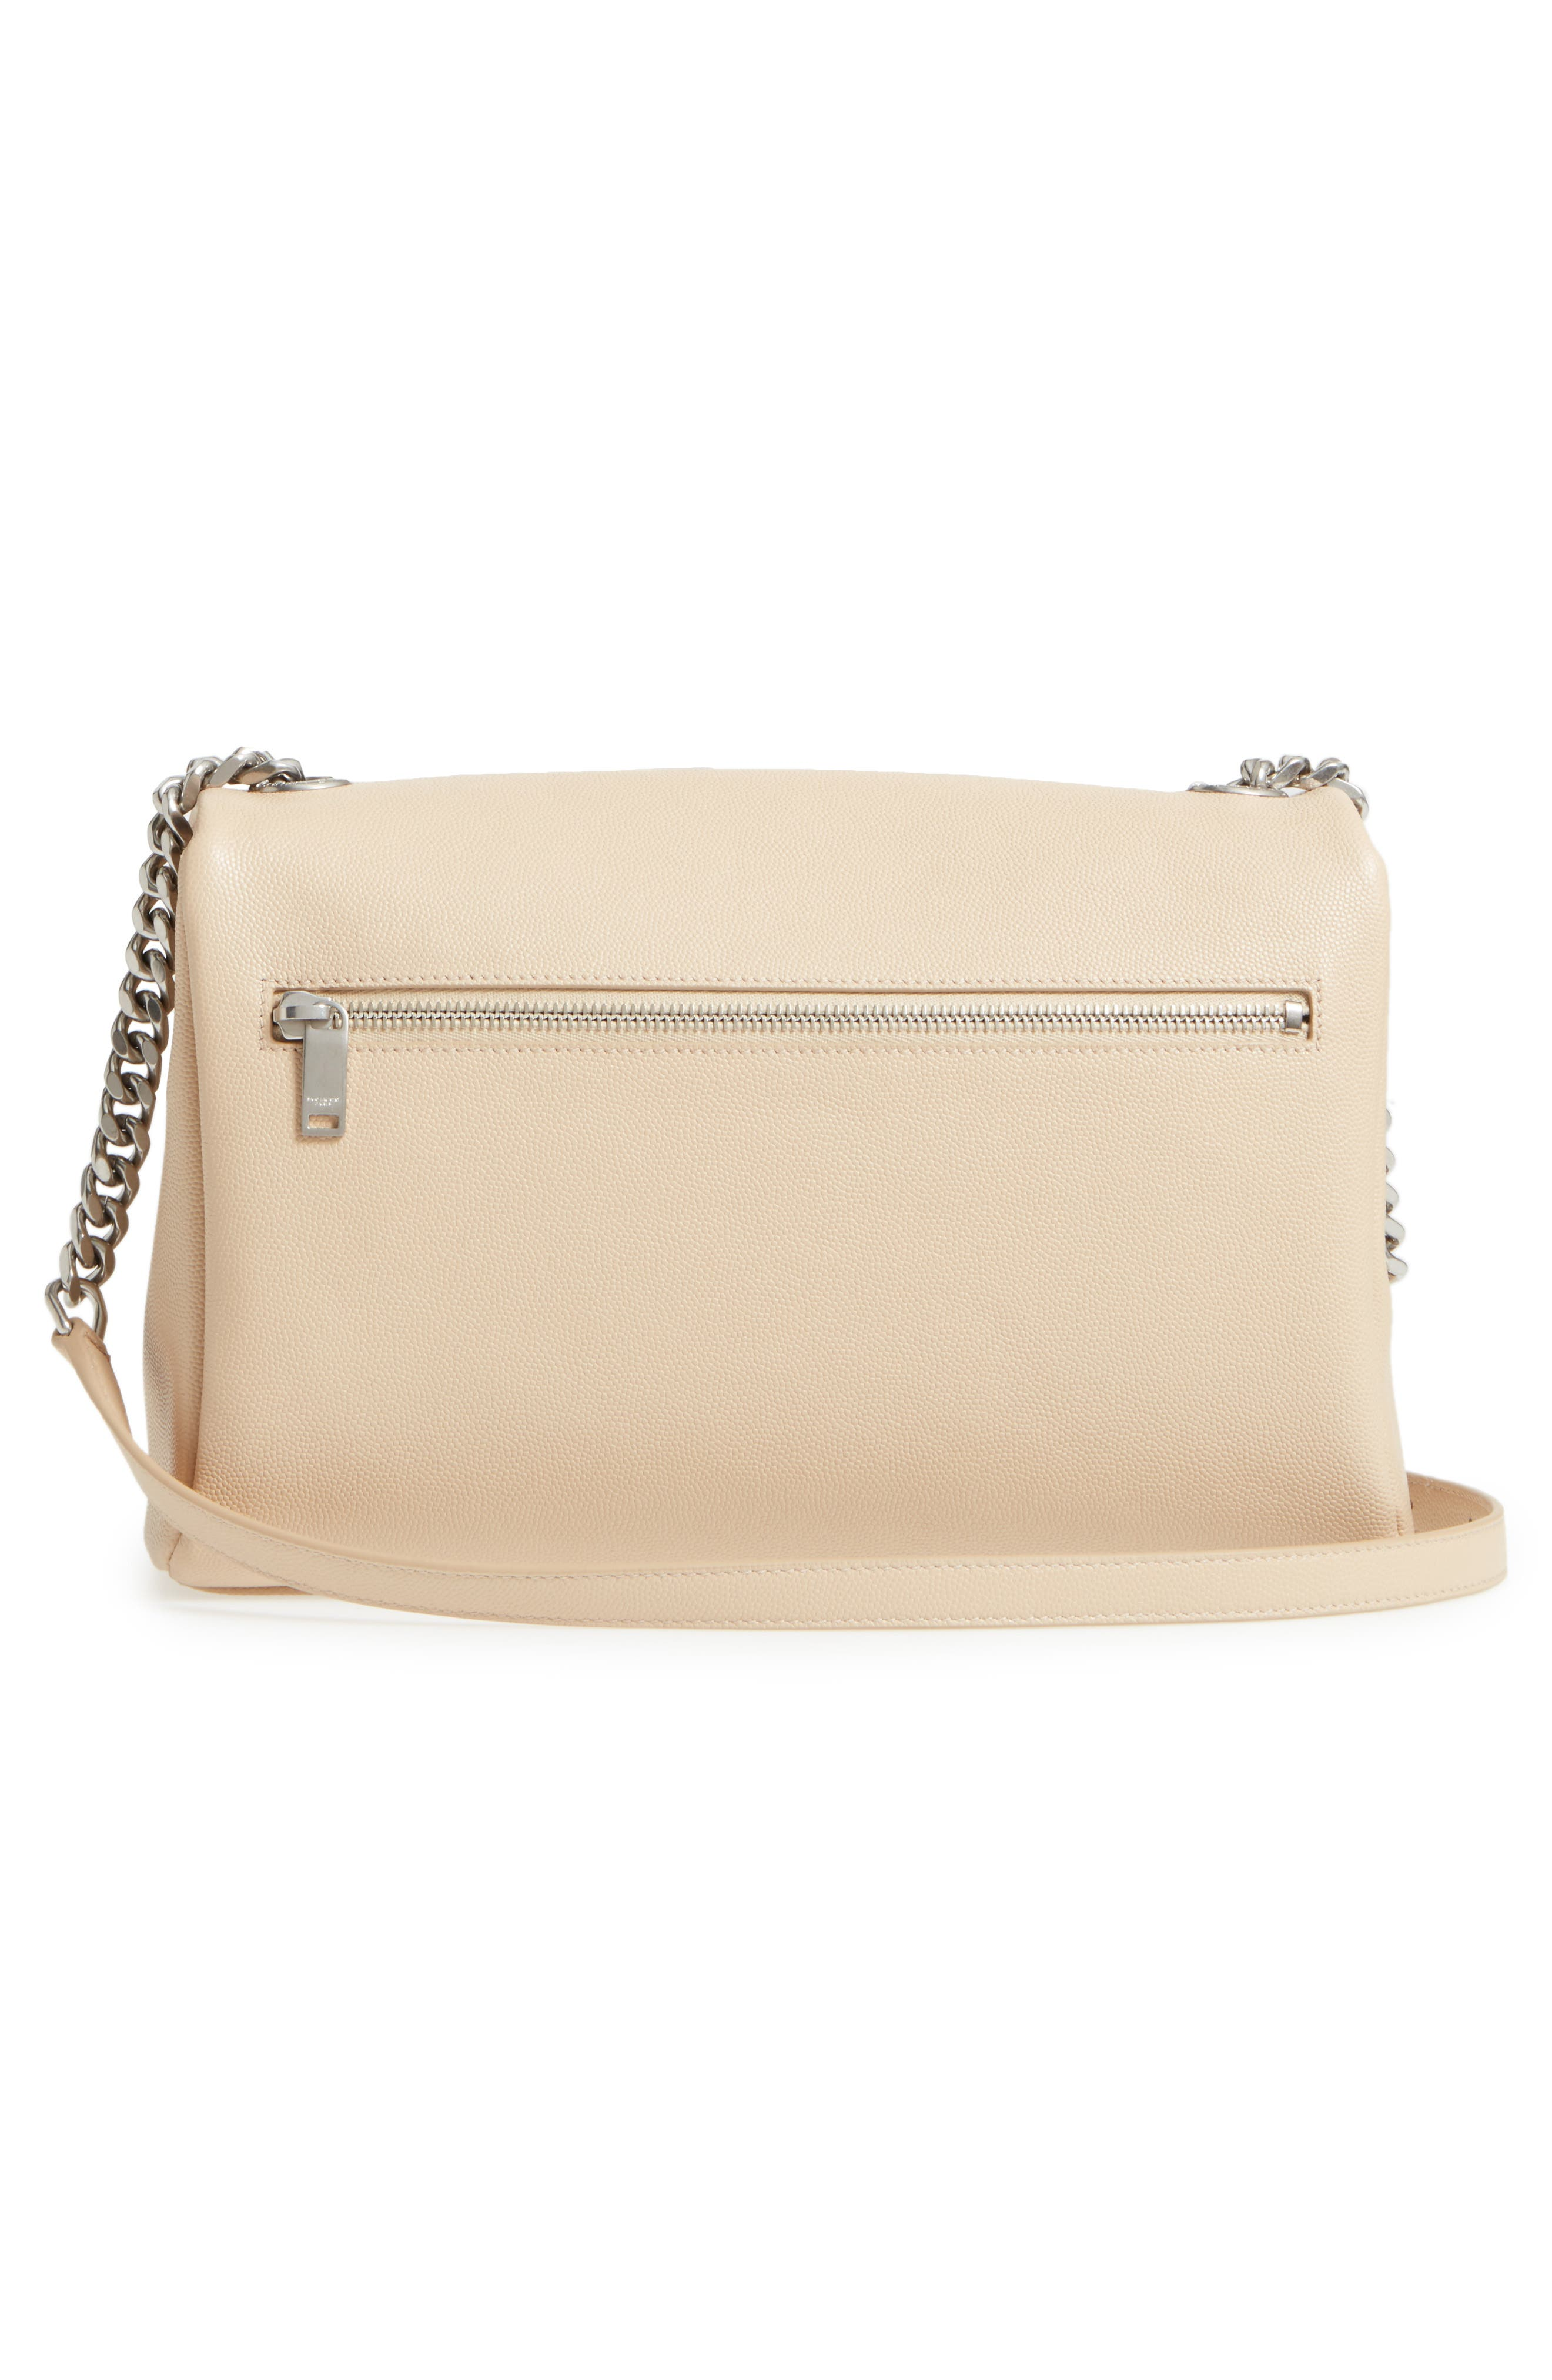 Medium West Hollywood Leather Shoulder Bag,                             Alternate thumbnail 9, color,